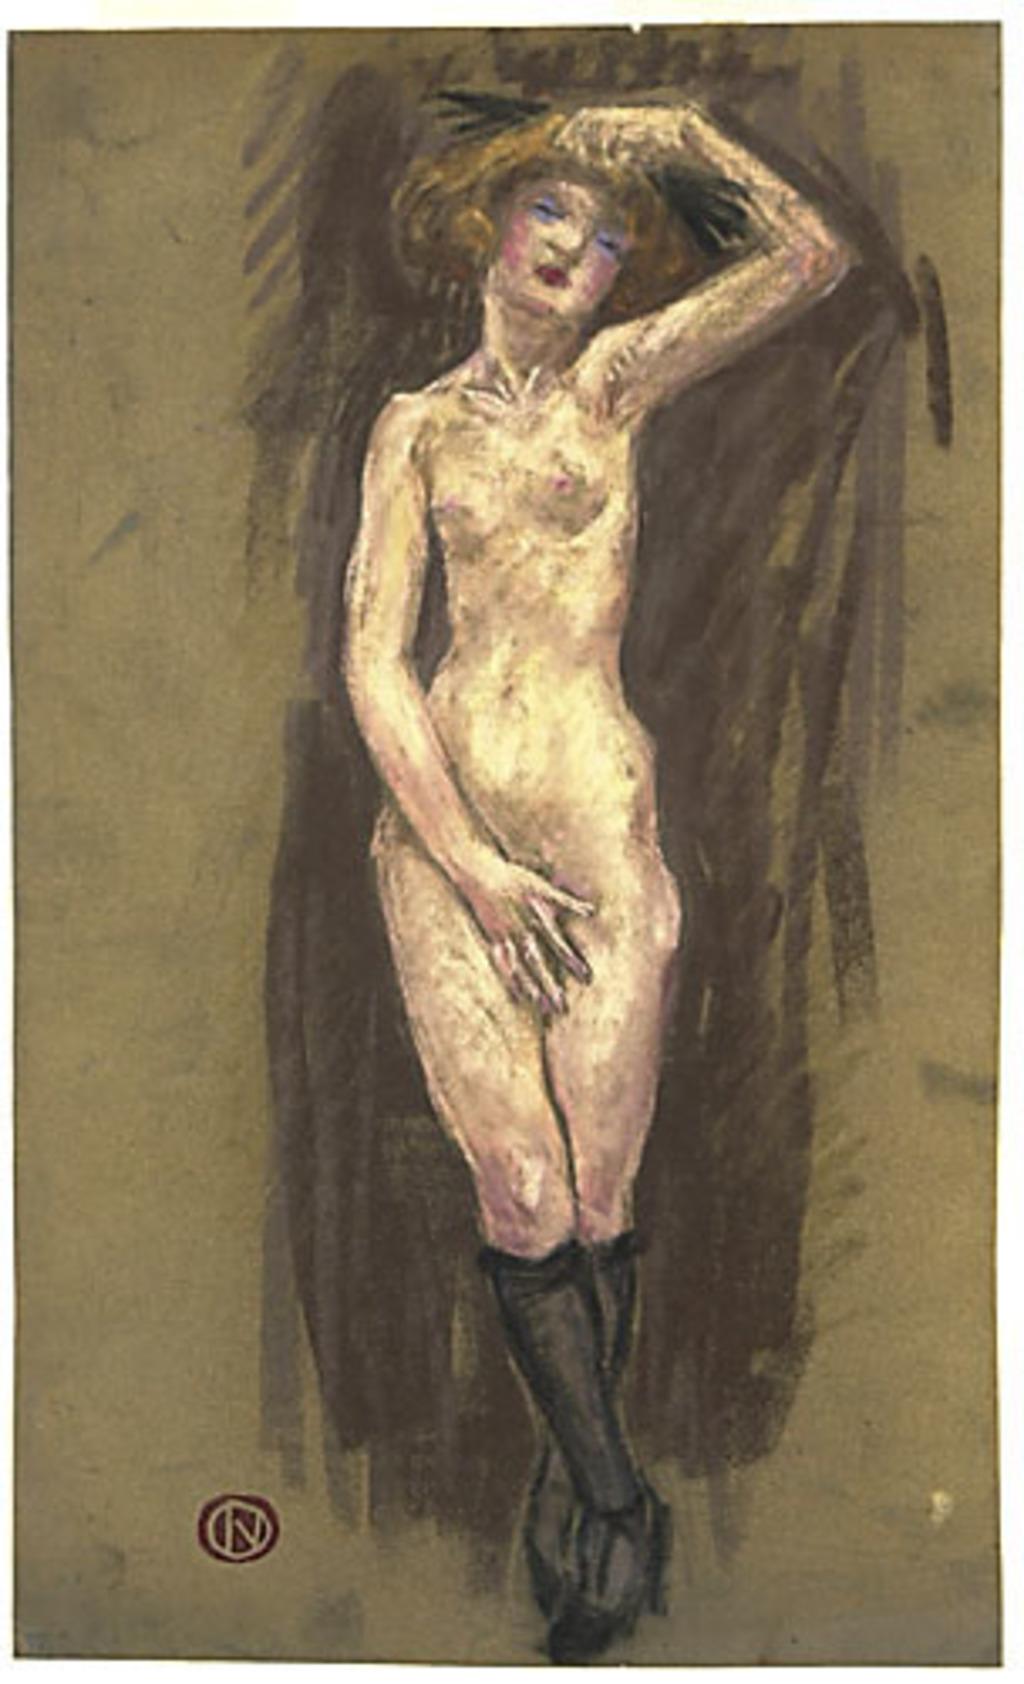 Femme nue, la main gauche sur la tête